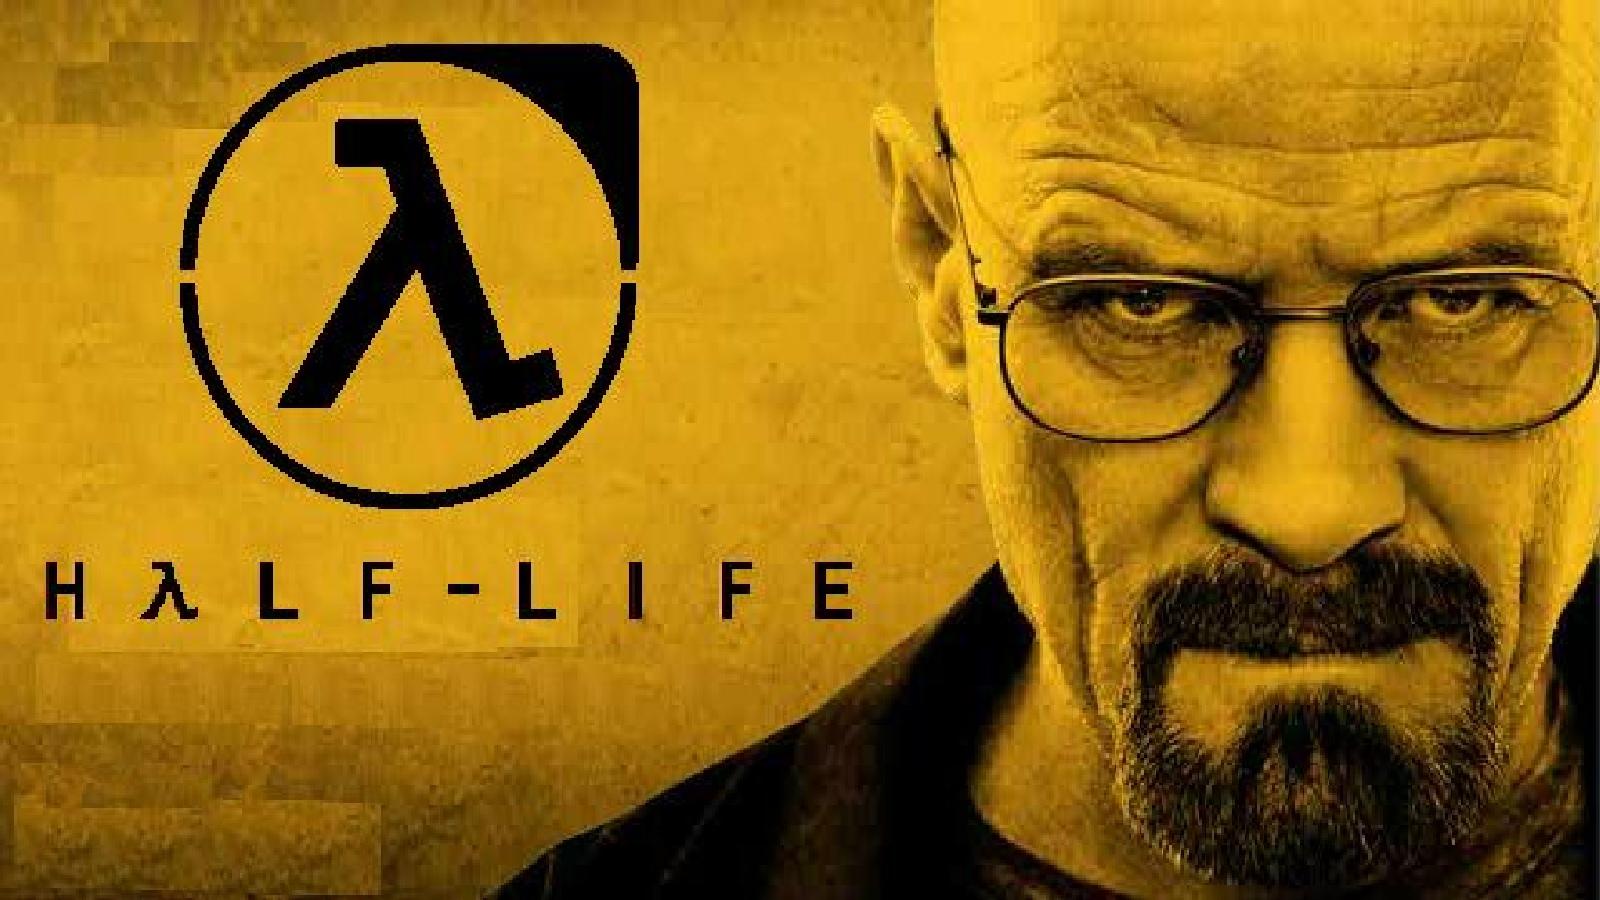 Se registra dominio y se filtra equipo de desarrollo de Half-Life 3 [I want to believe]